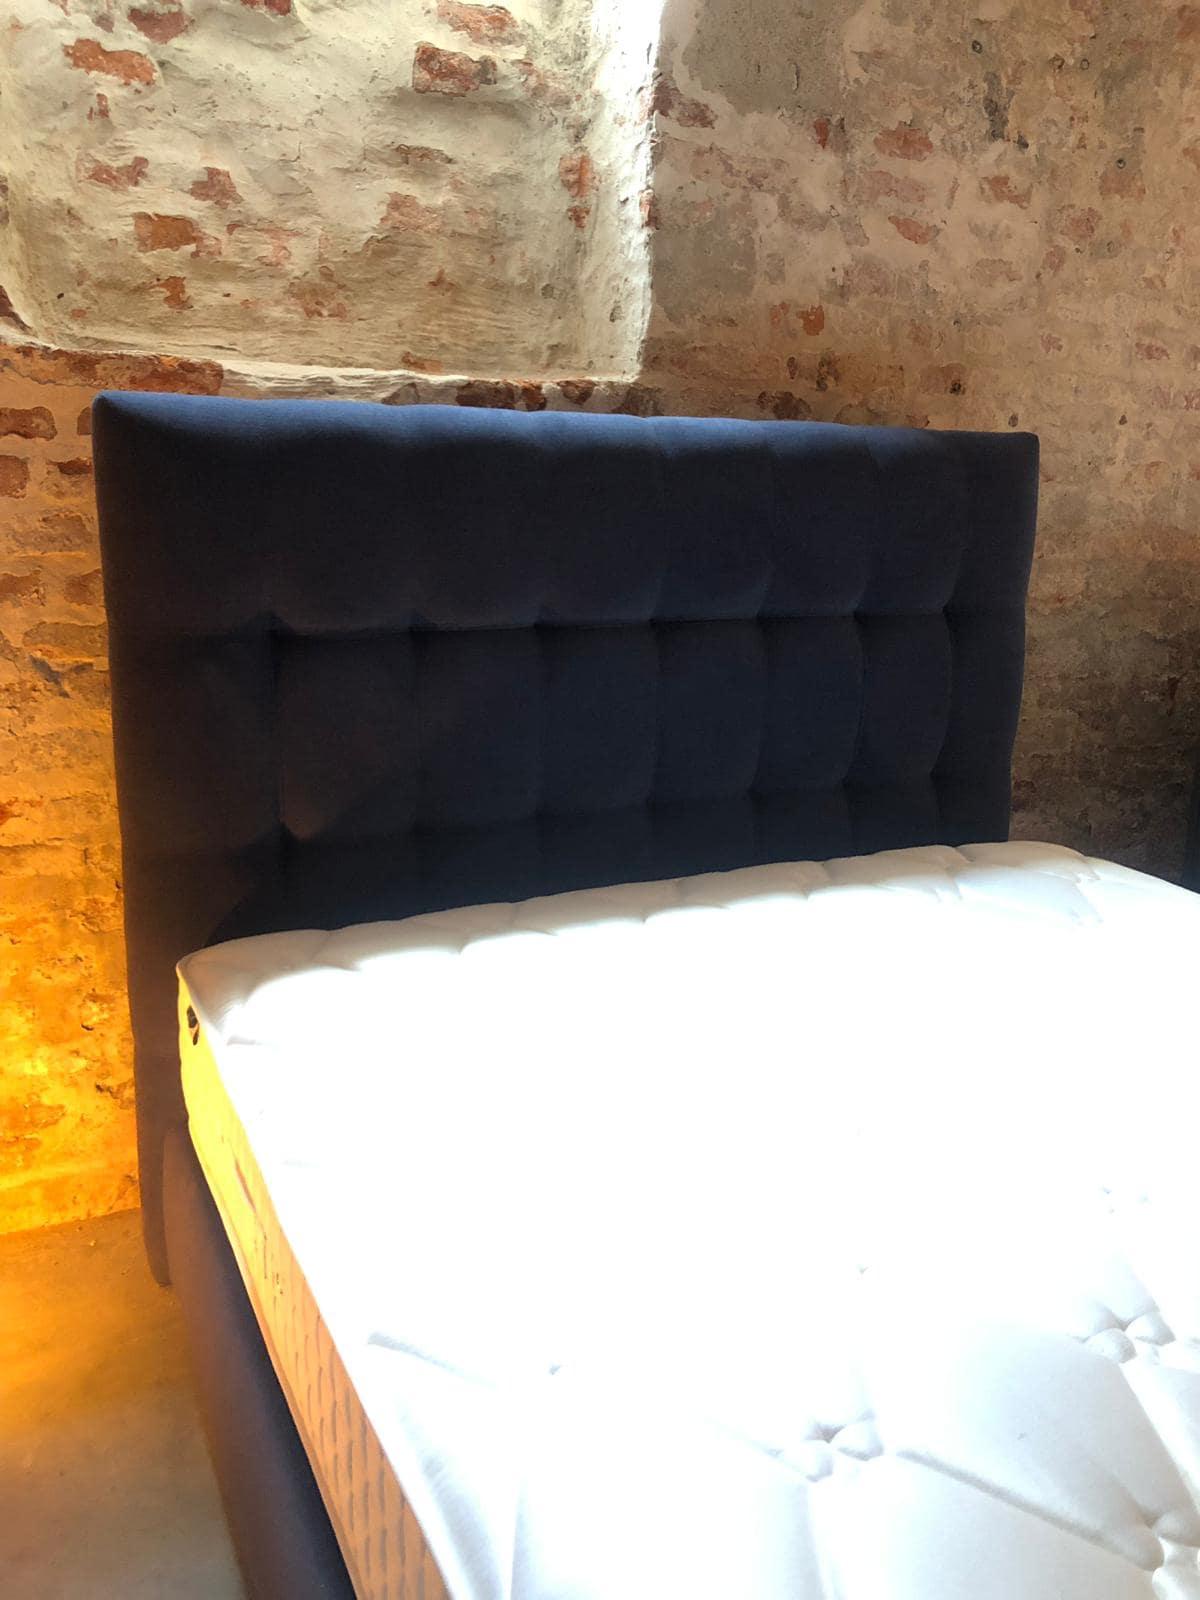 Full Size of Günstige Betten Ottoversand Designer Paradies Für Teenager Günstig Kaufen Mit Aufbewahrung Stauraum Innocent Aus Holz Amazon Köln Massivholz Gebrauchte Bett Betten München